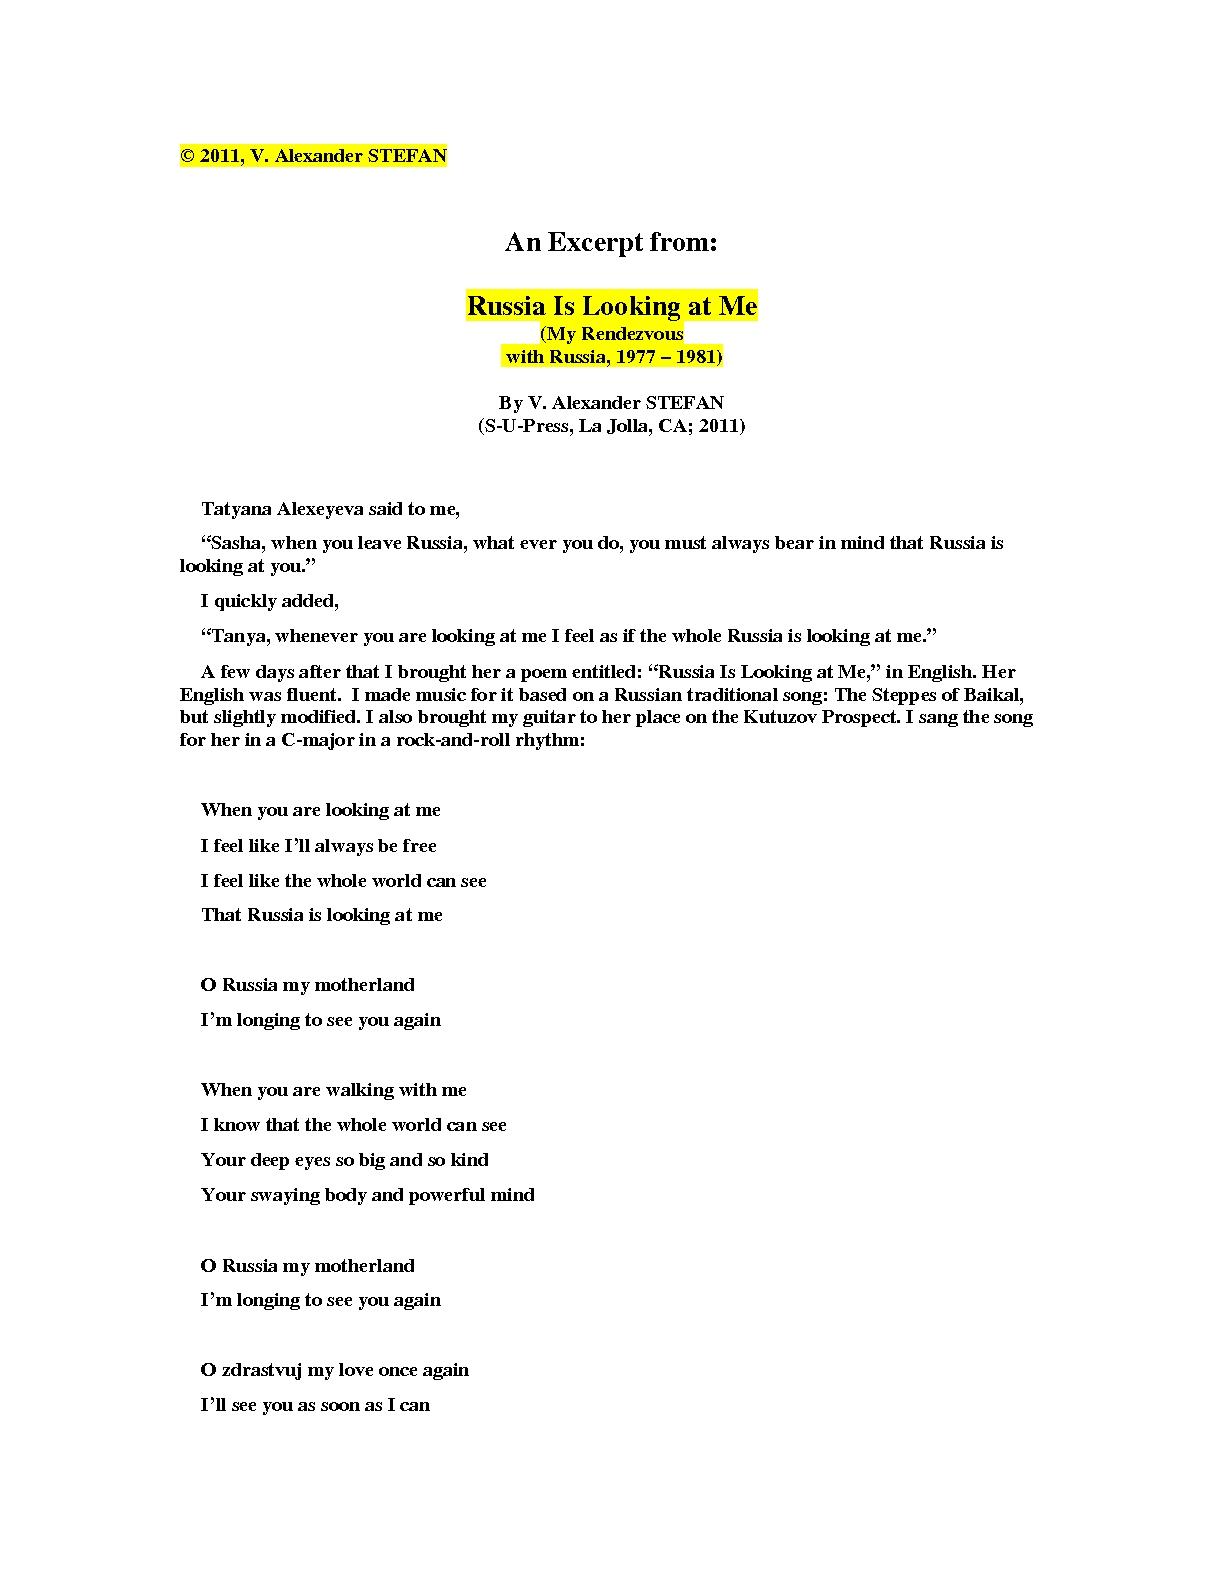 v alexander stefan works chronological order